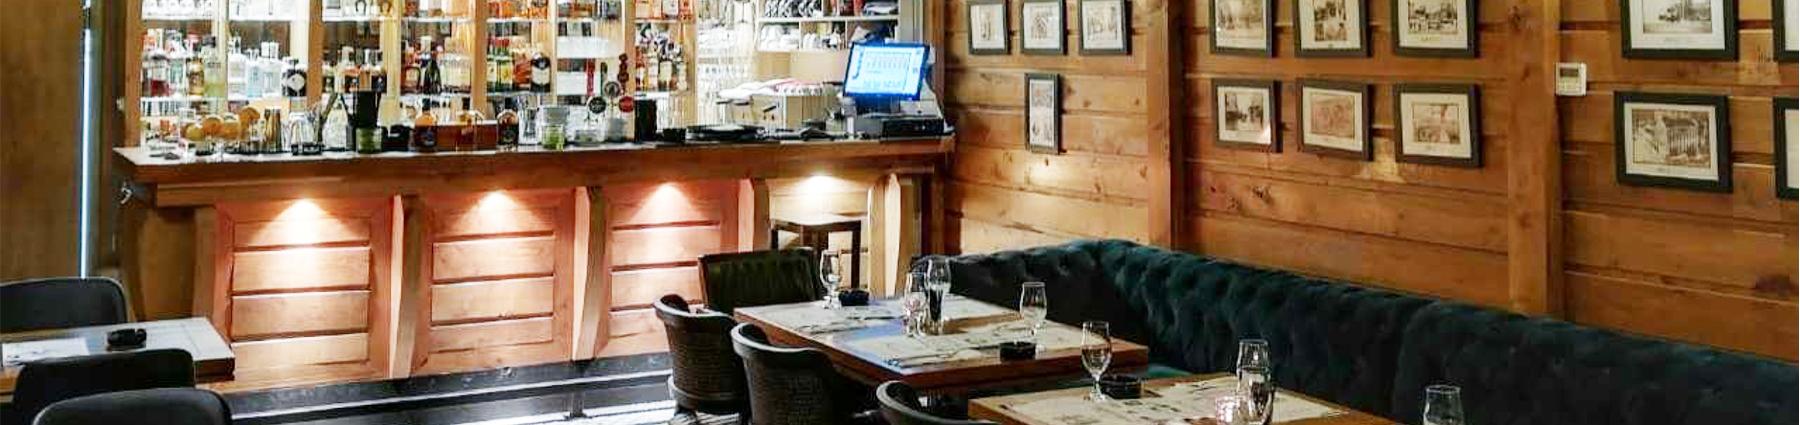 Restoran Stari Beograd